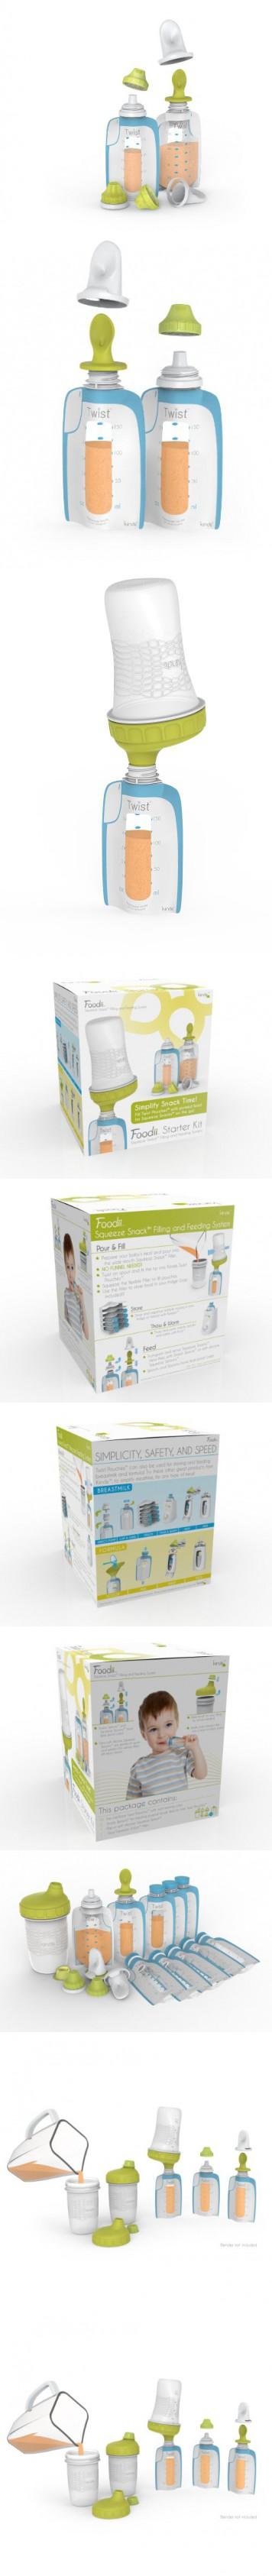 Kiinde Foodii Starter Kit